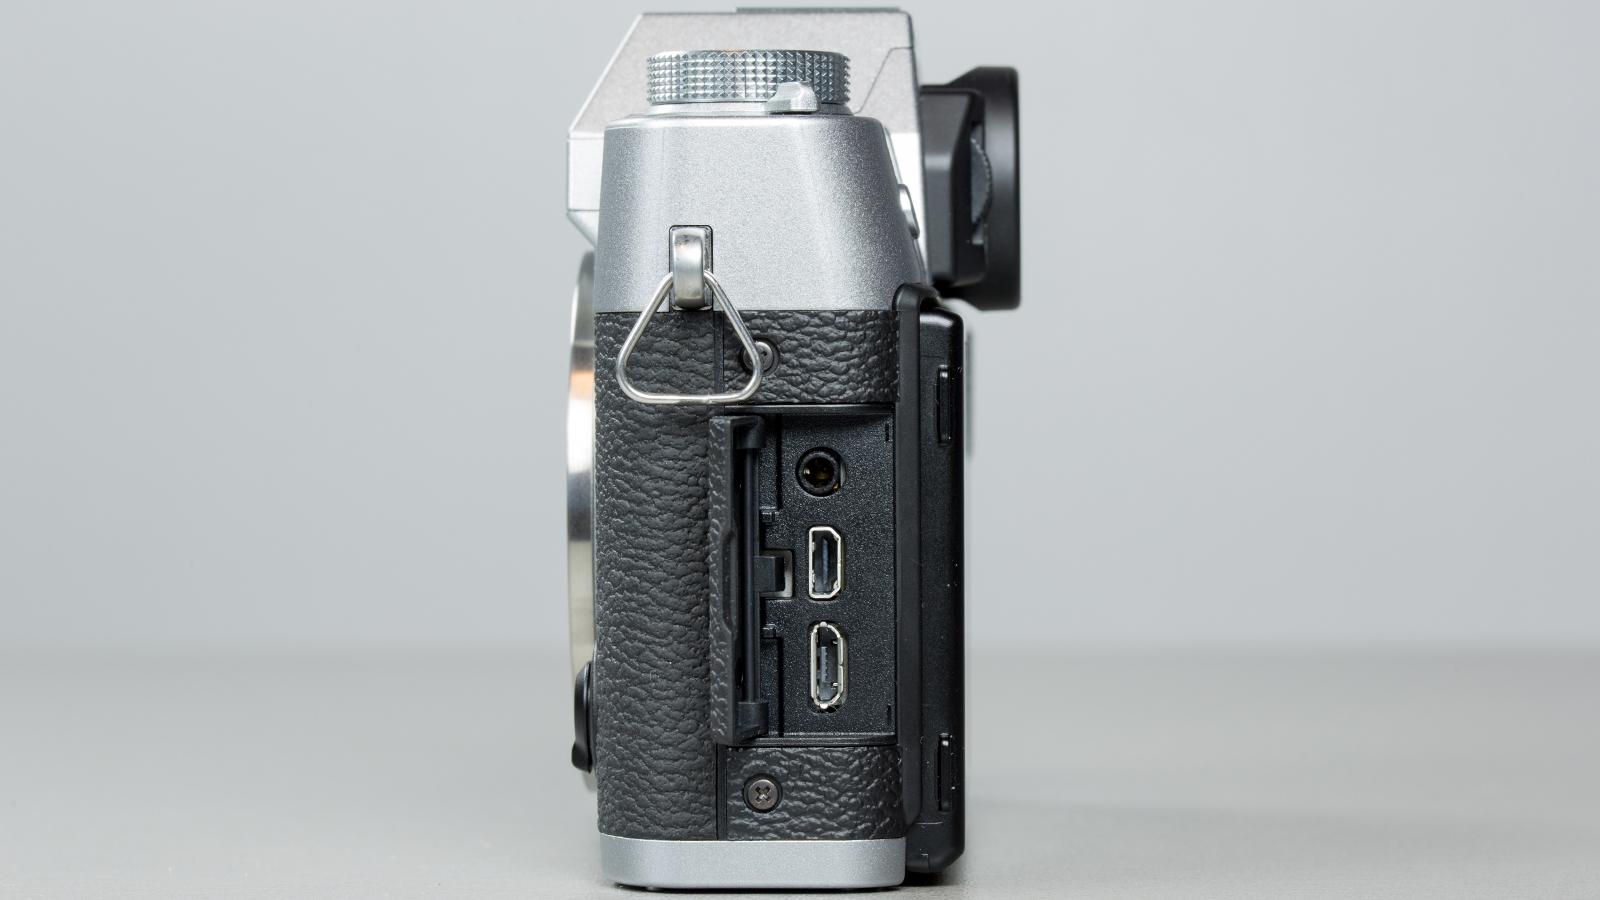 Fujifilm-X-T10-DT-011-pesad